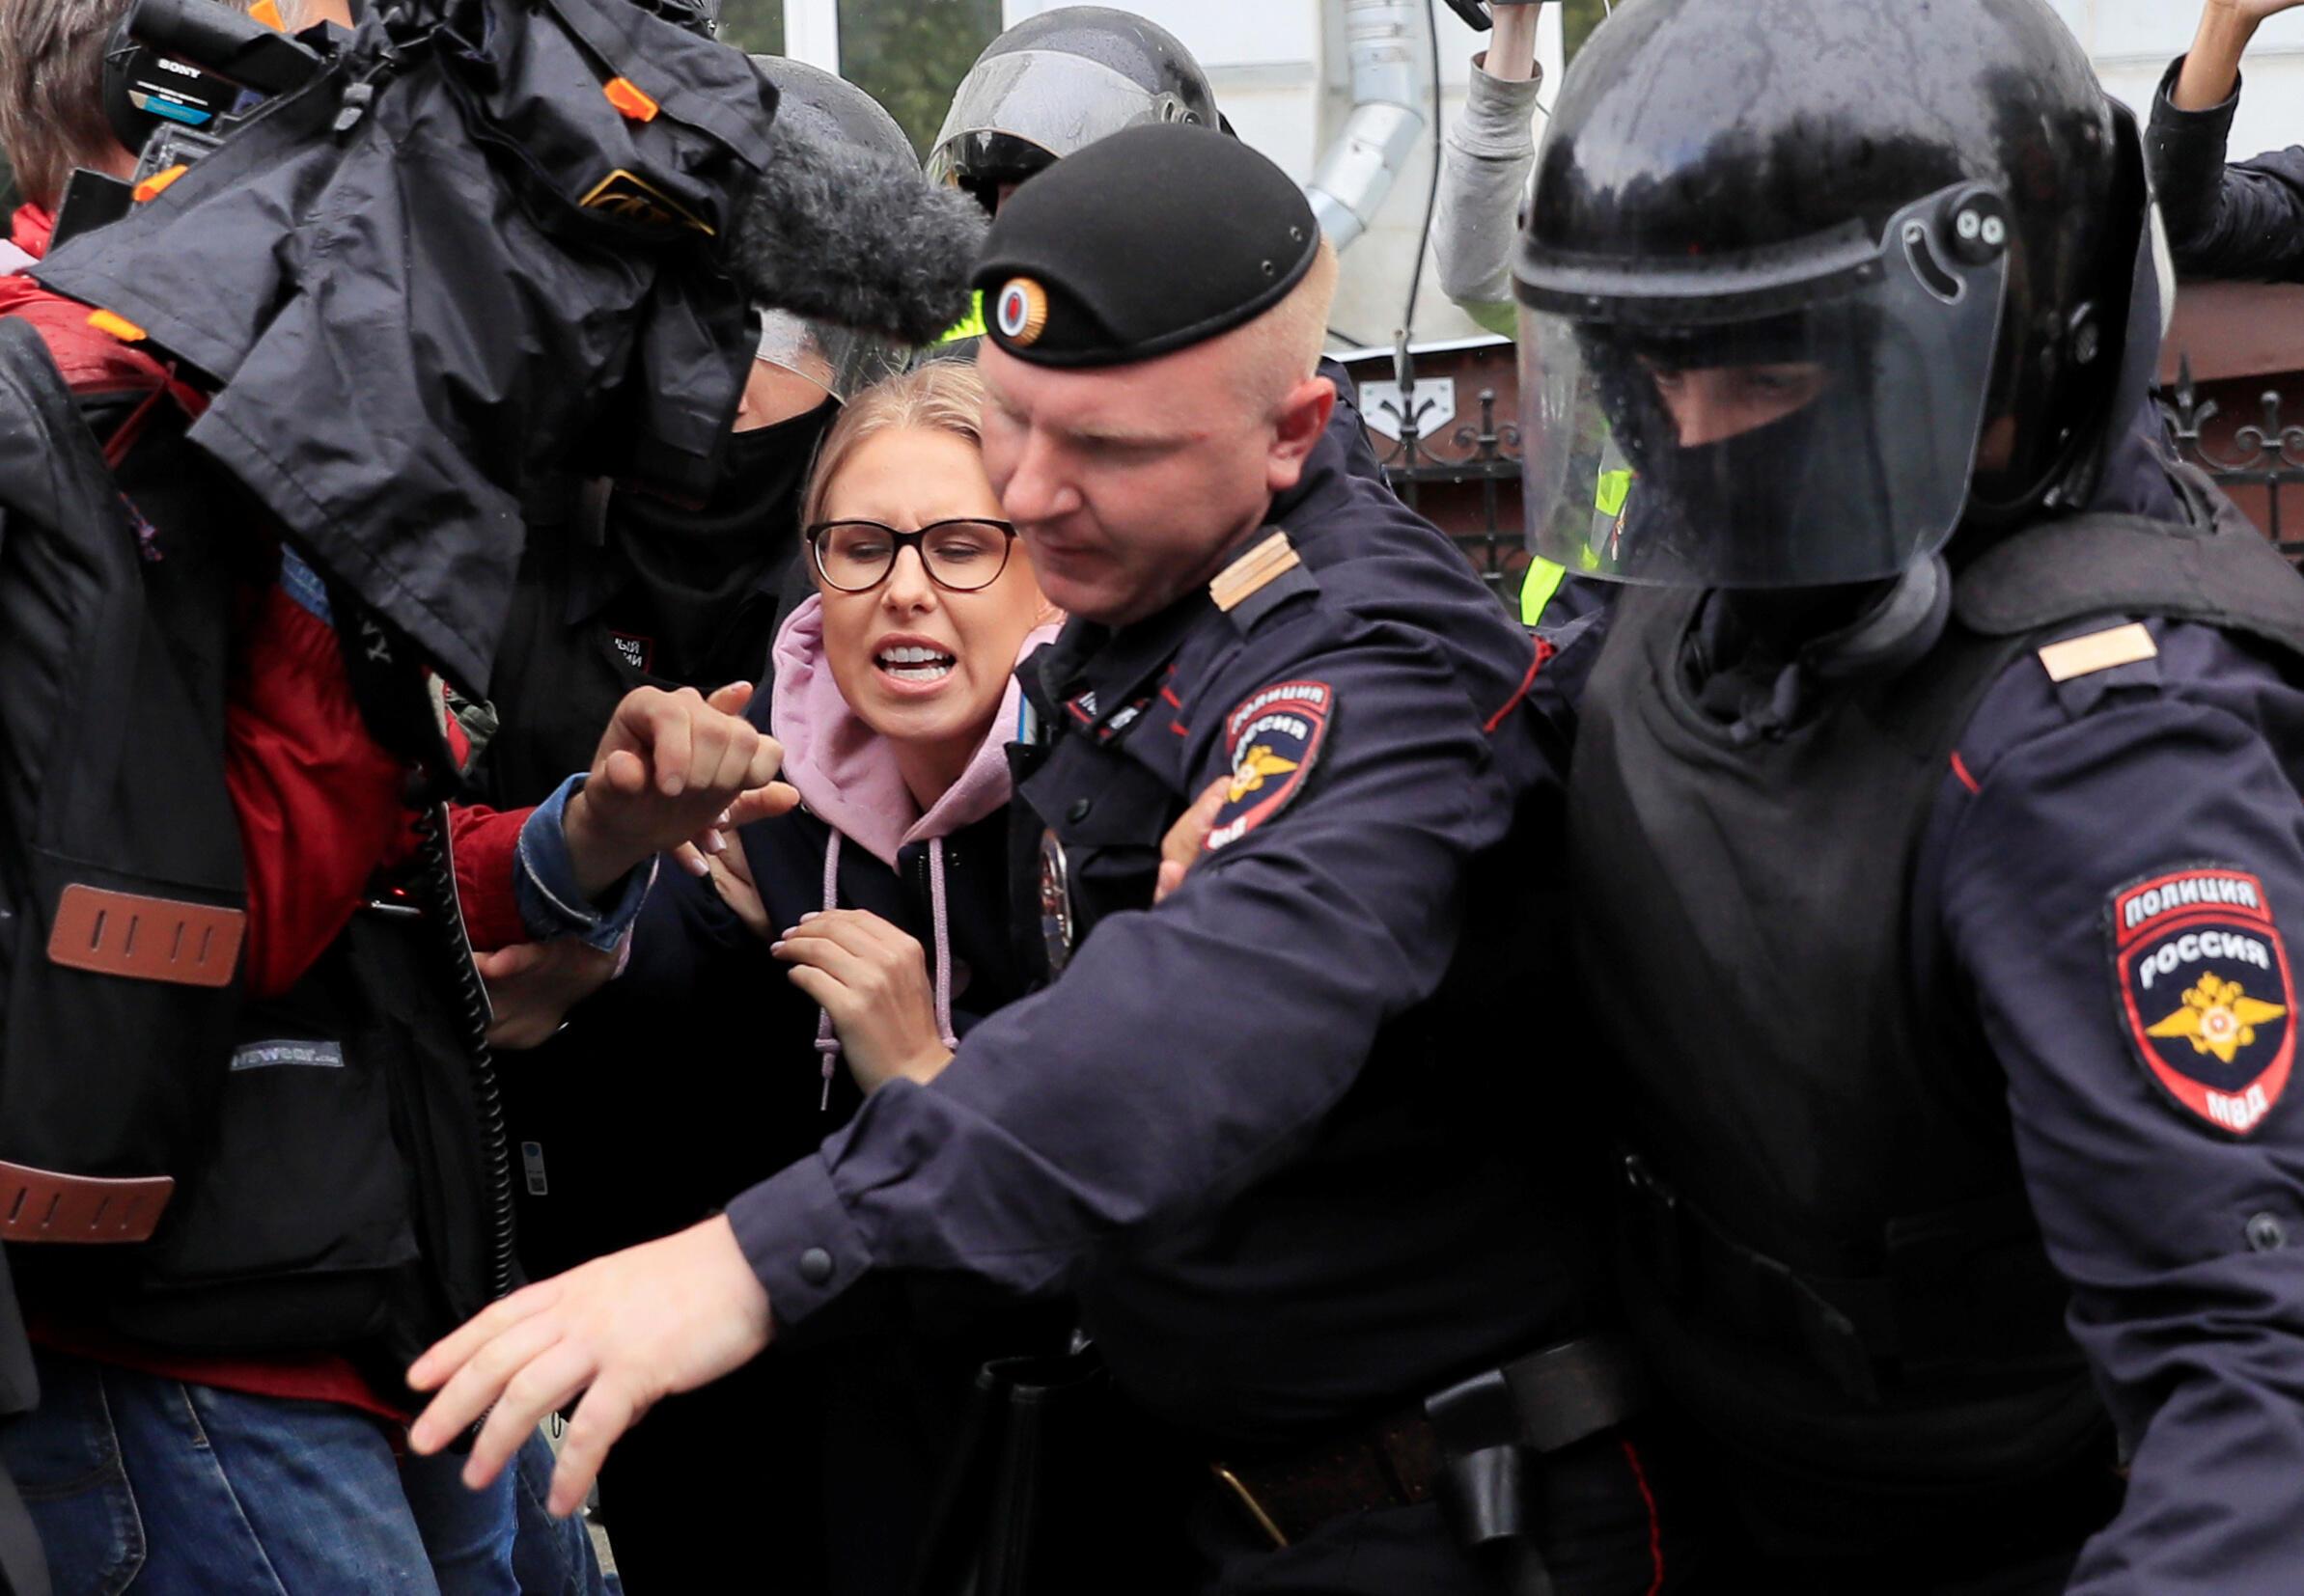 Dirigente da oposição russa, Lioubov Sobo, presa para interrogatório durante manifestação em Moscovo a 3 de agosto